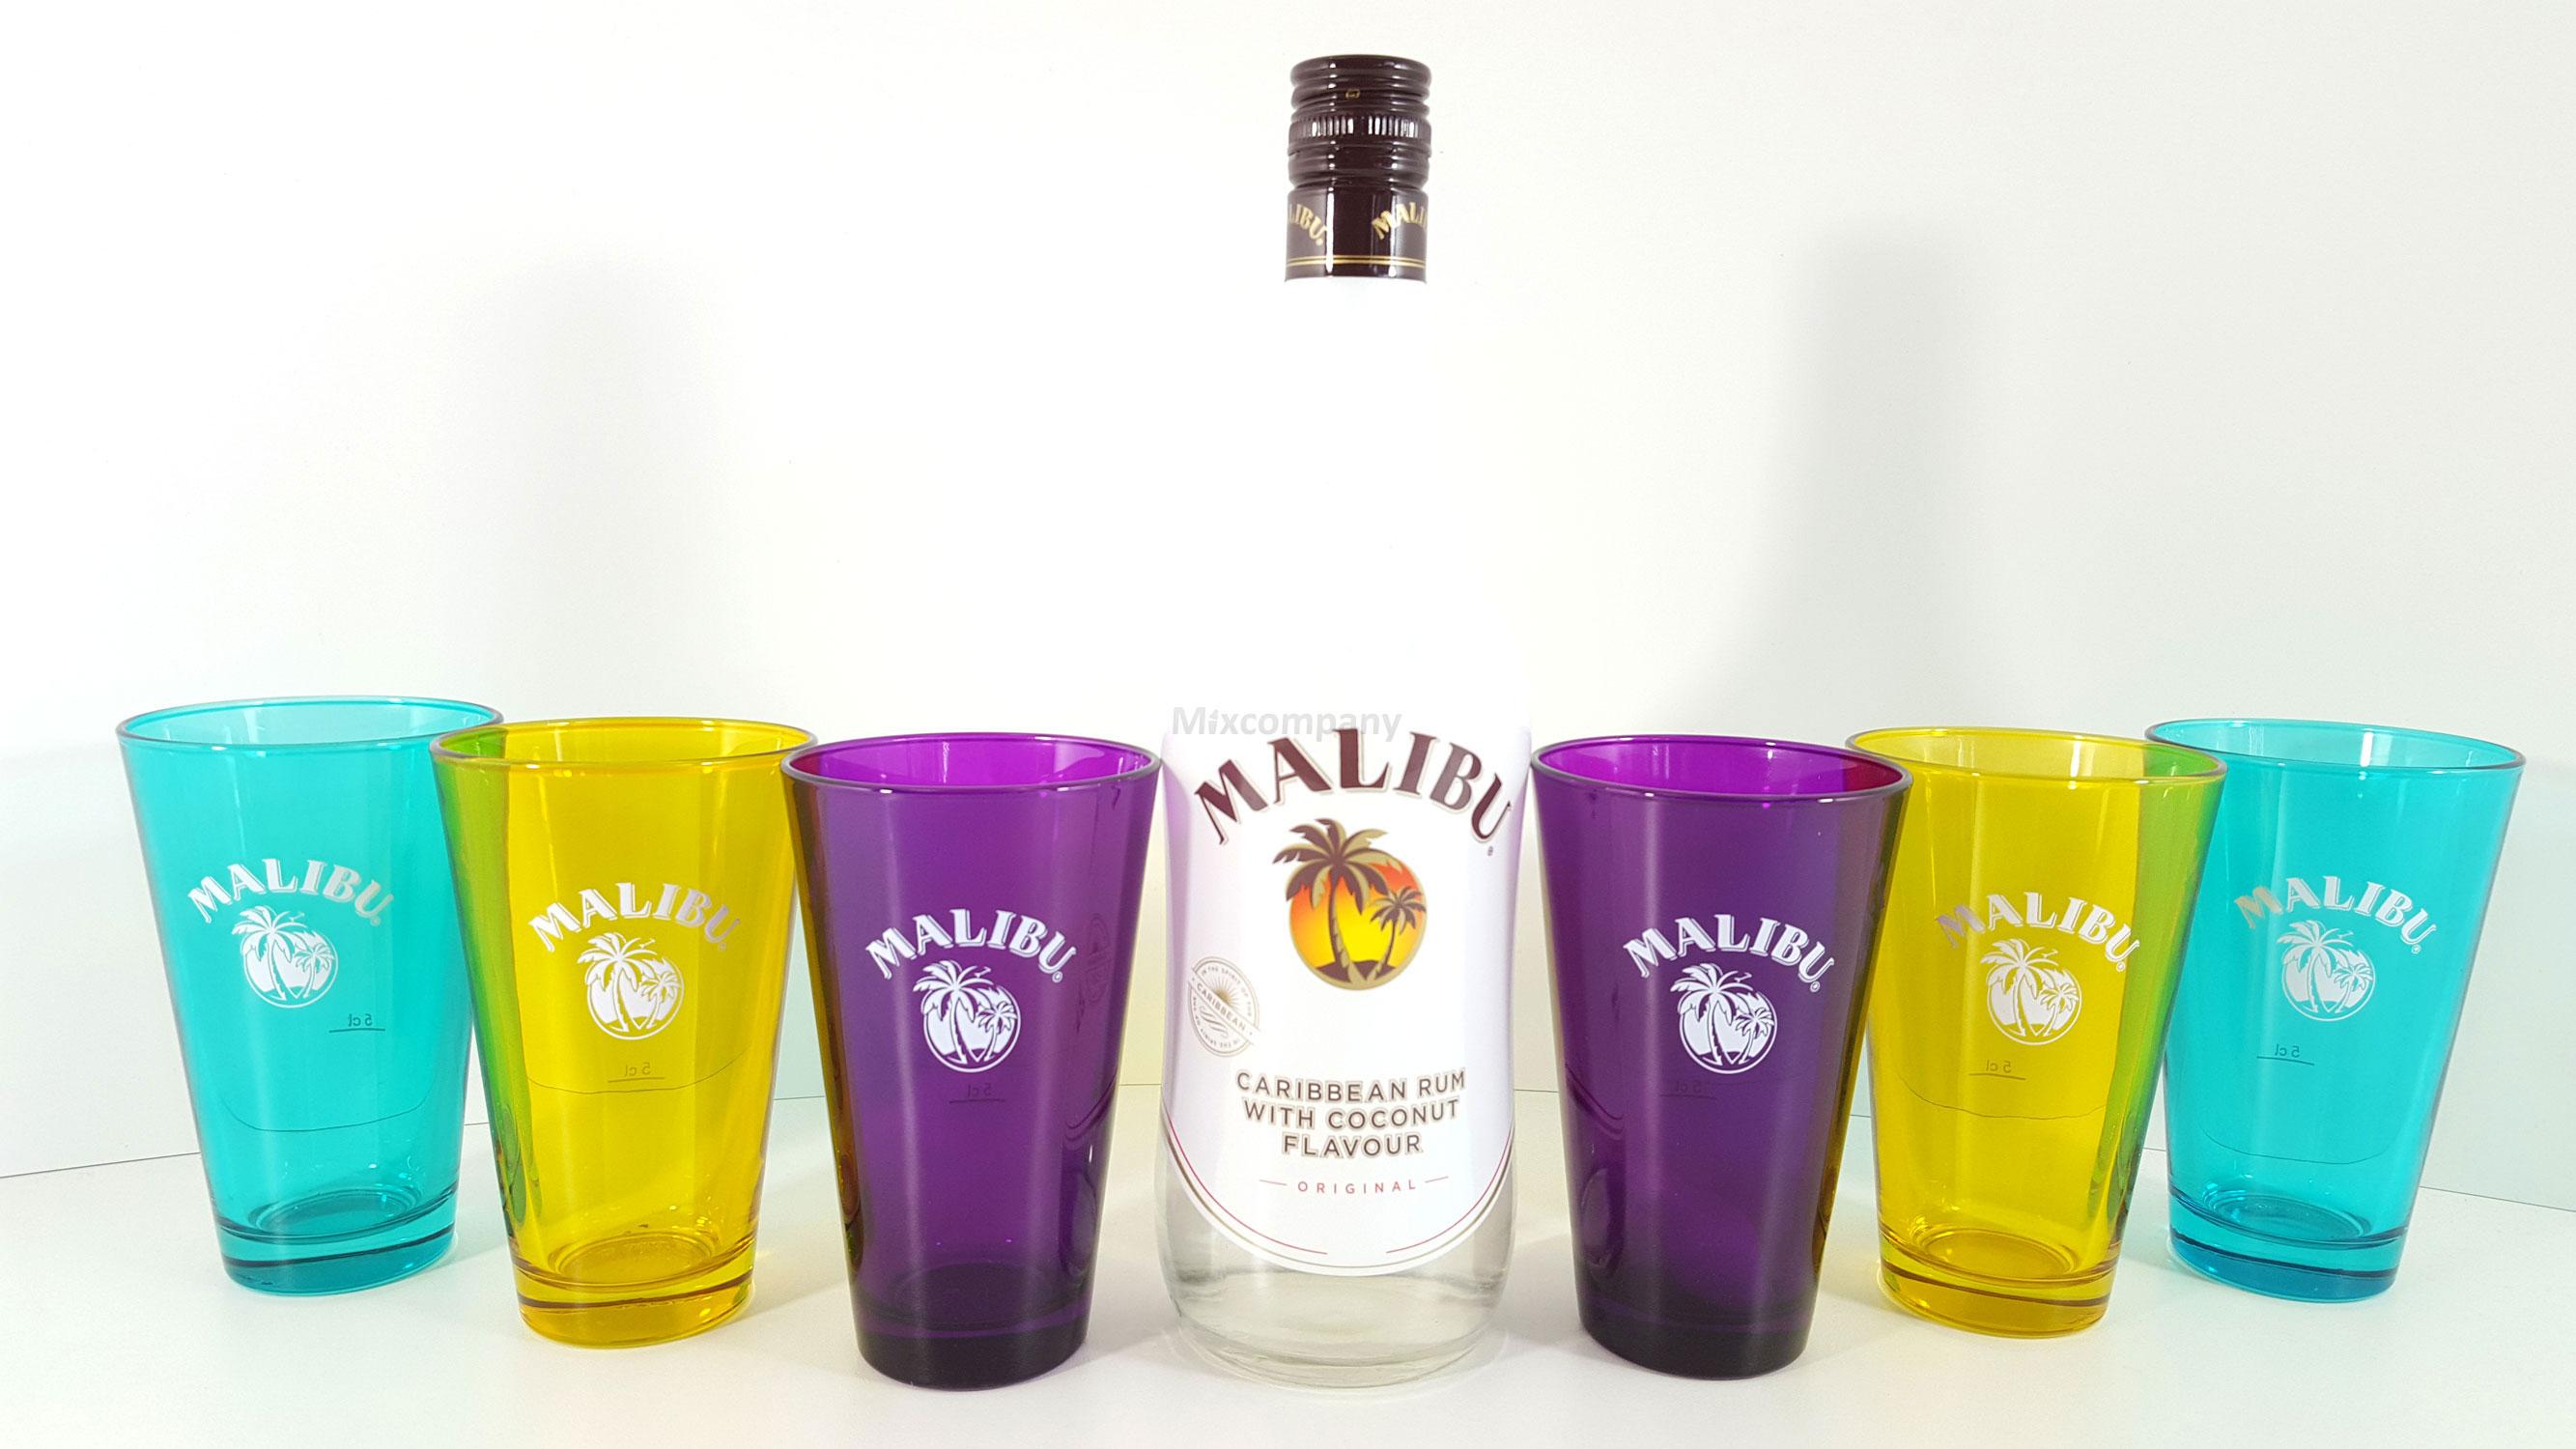 Malibu Caribbean Rum/Likör 0,7l 700ml (21% Vol) + 6x Gläser 2cl geeicht , verschiedene Farben